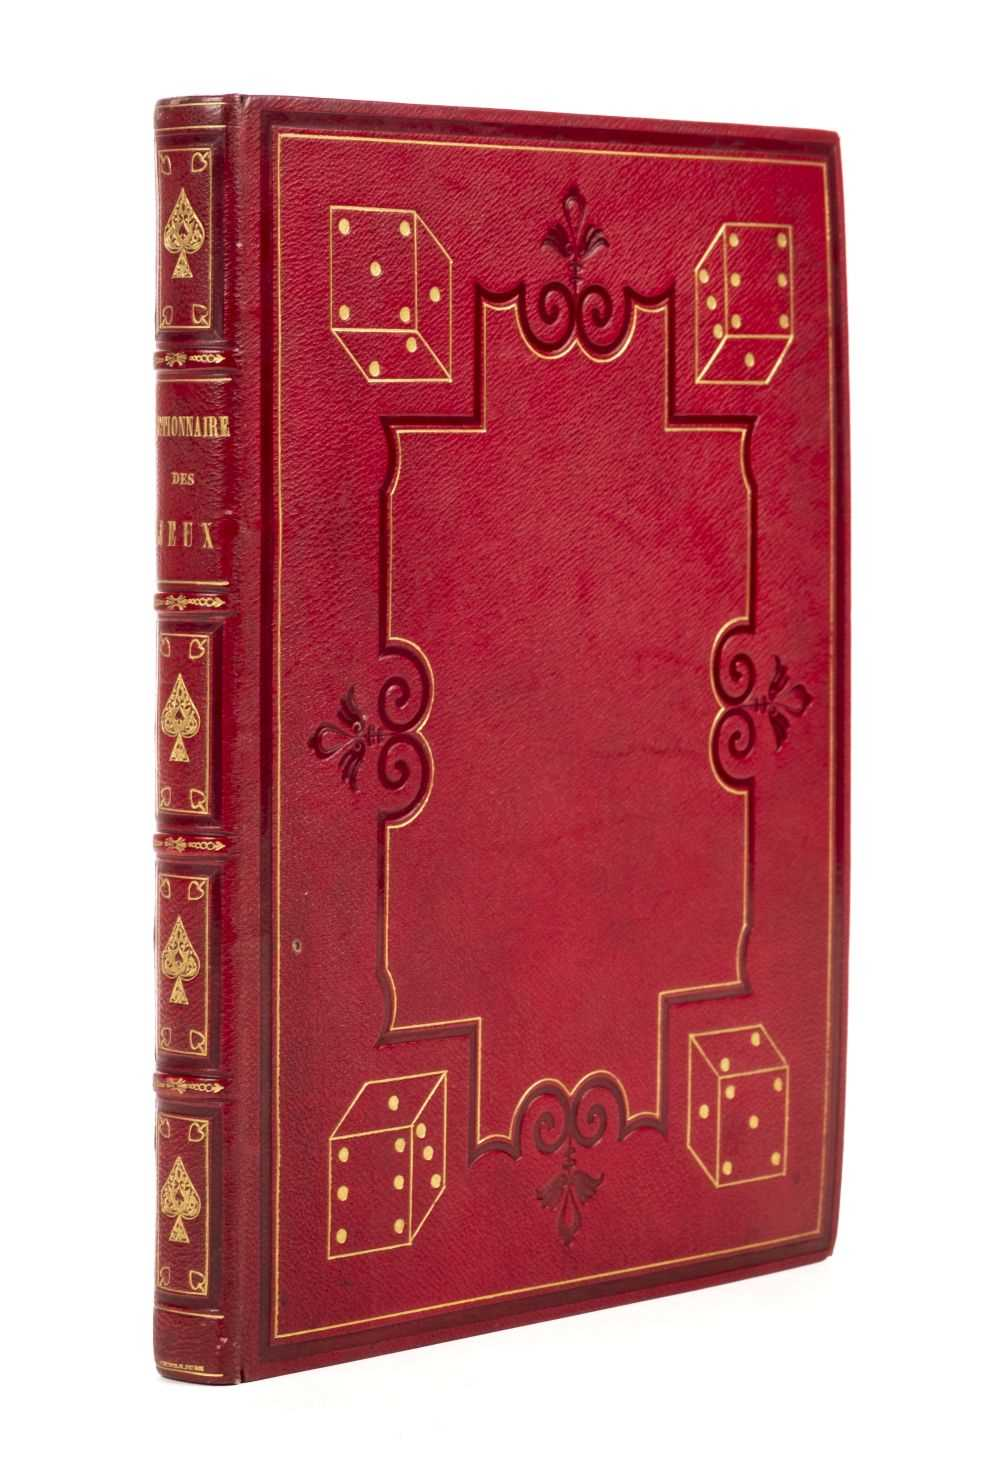 Lot 530-Lacombe, Jacques. Encyclopédie méthodique: Dictionnaire des Jeux, 1792